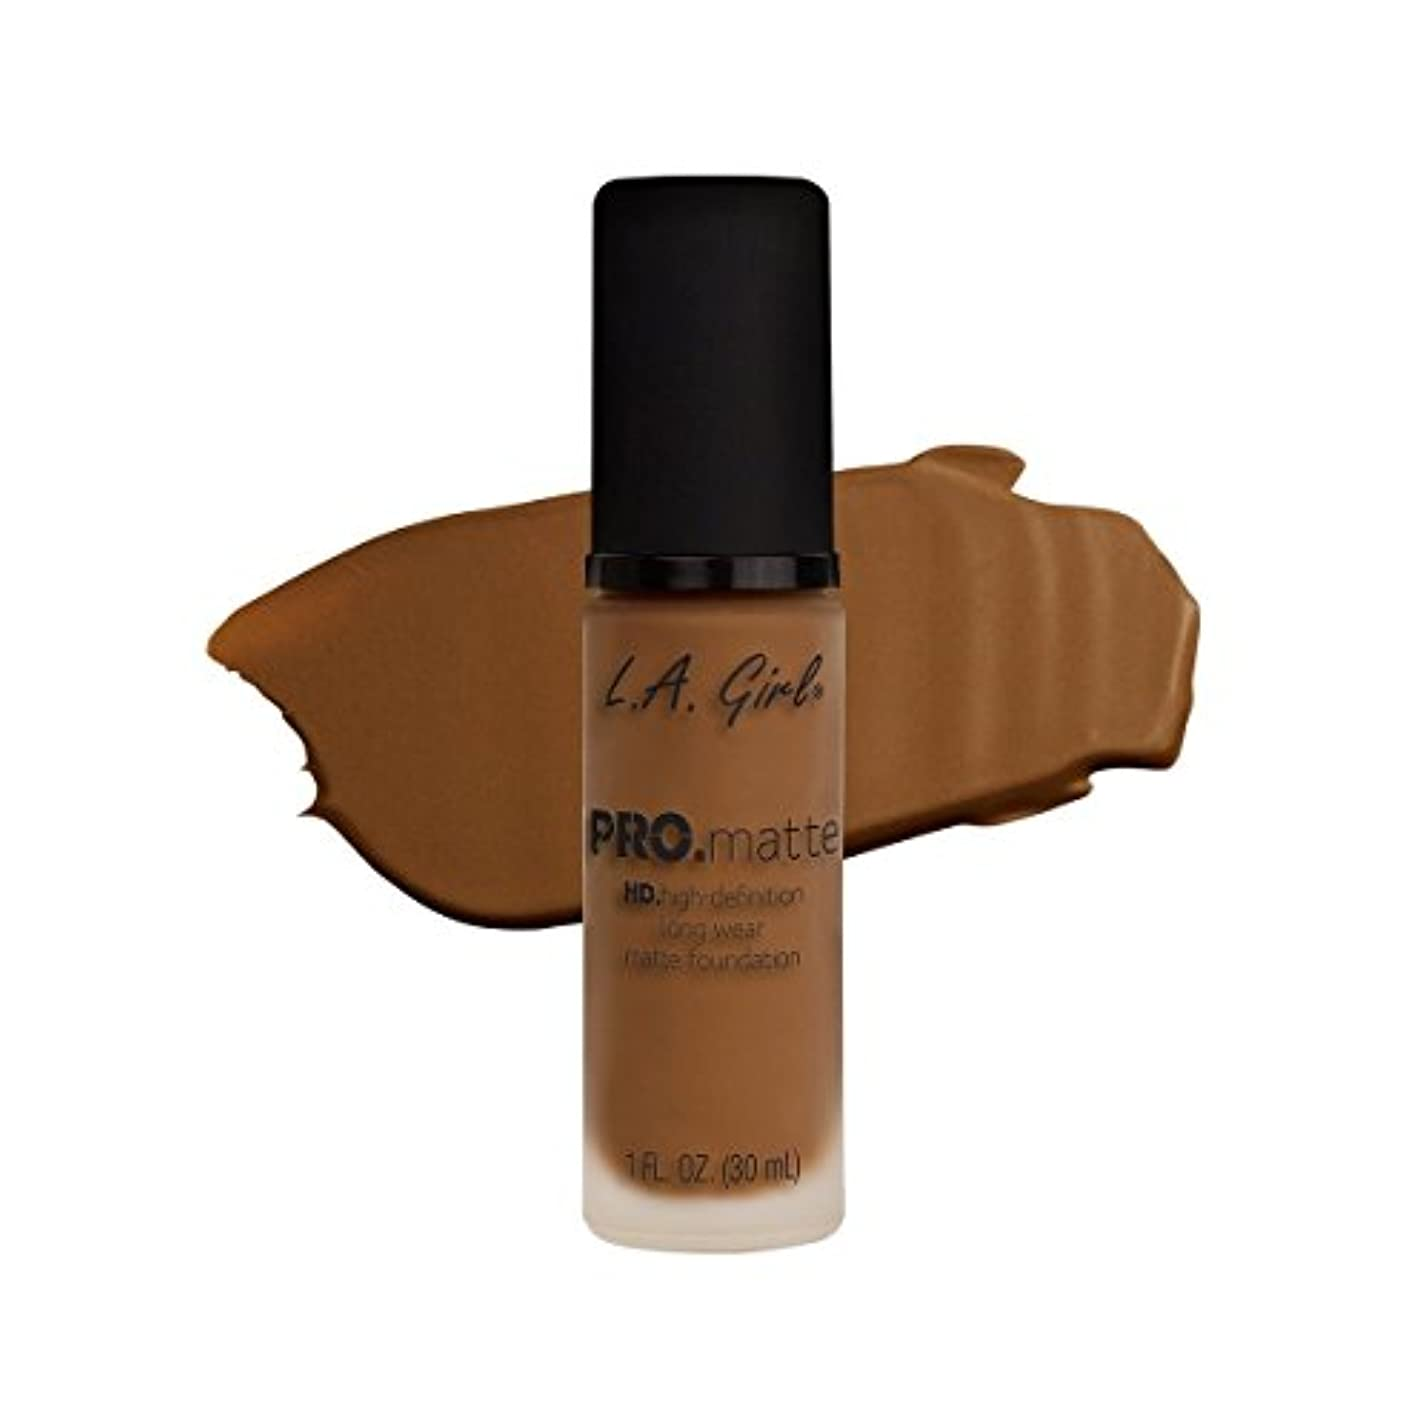 浸すスカリー属する(3 Pack) L.A. GIRL Pro Matte Foundation - Nutmeg (並行輸入品)